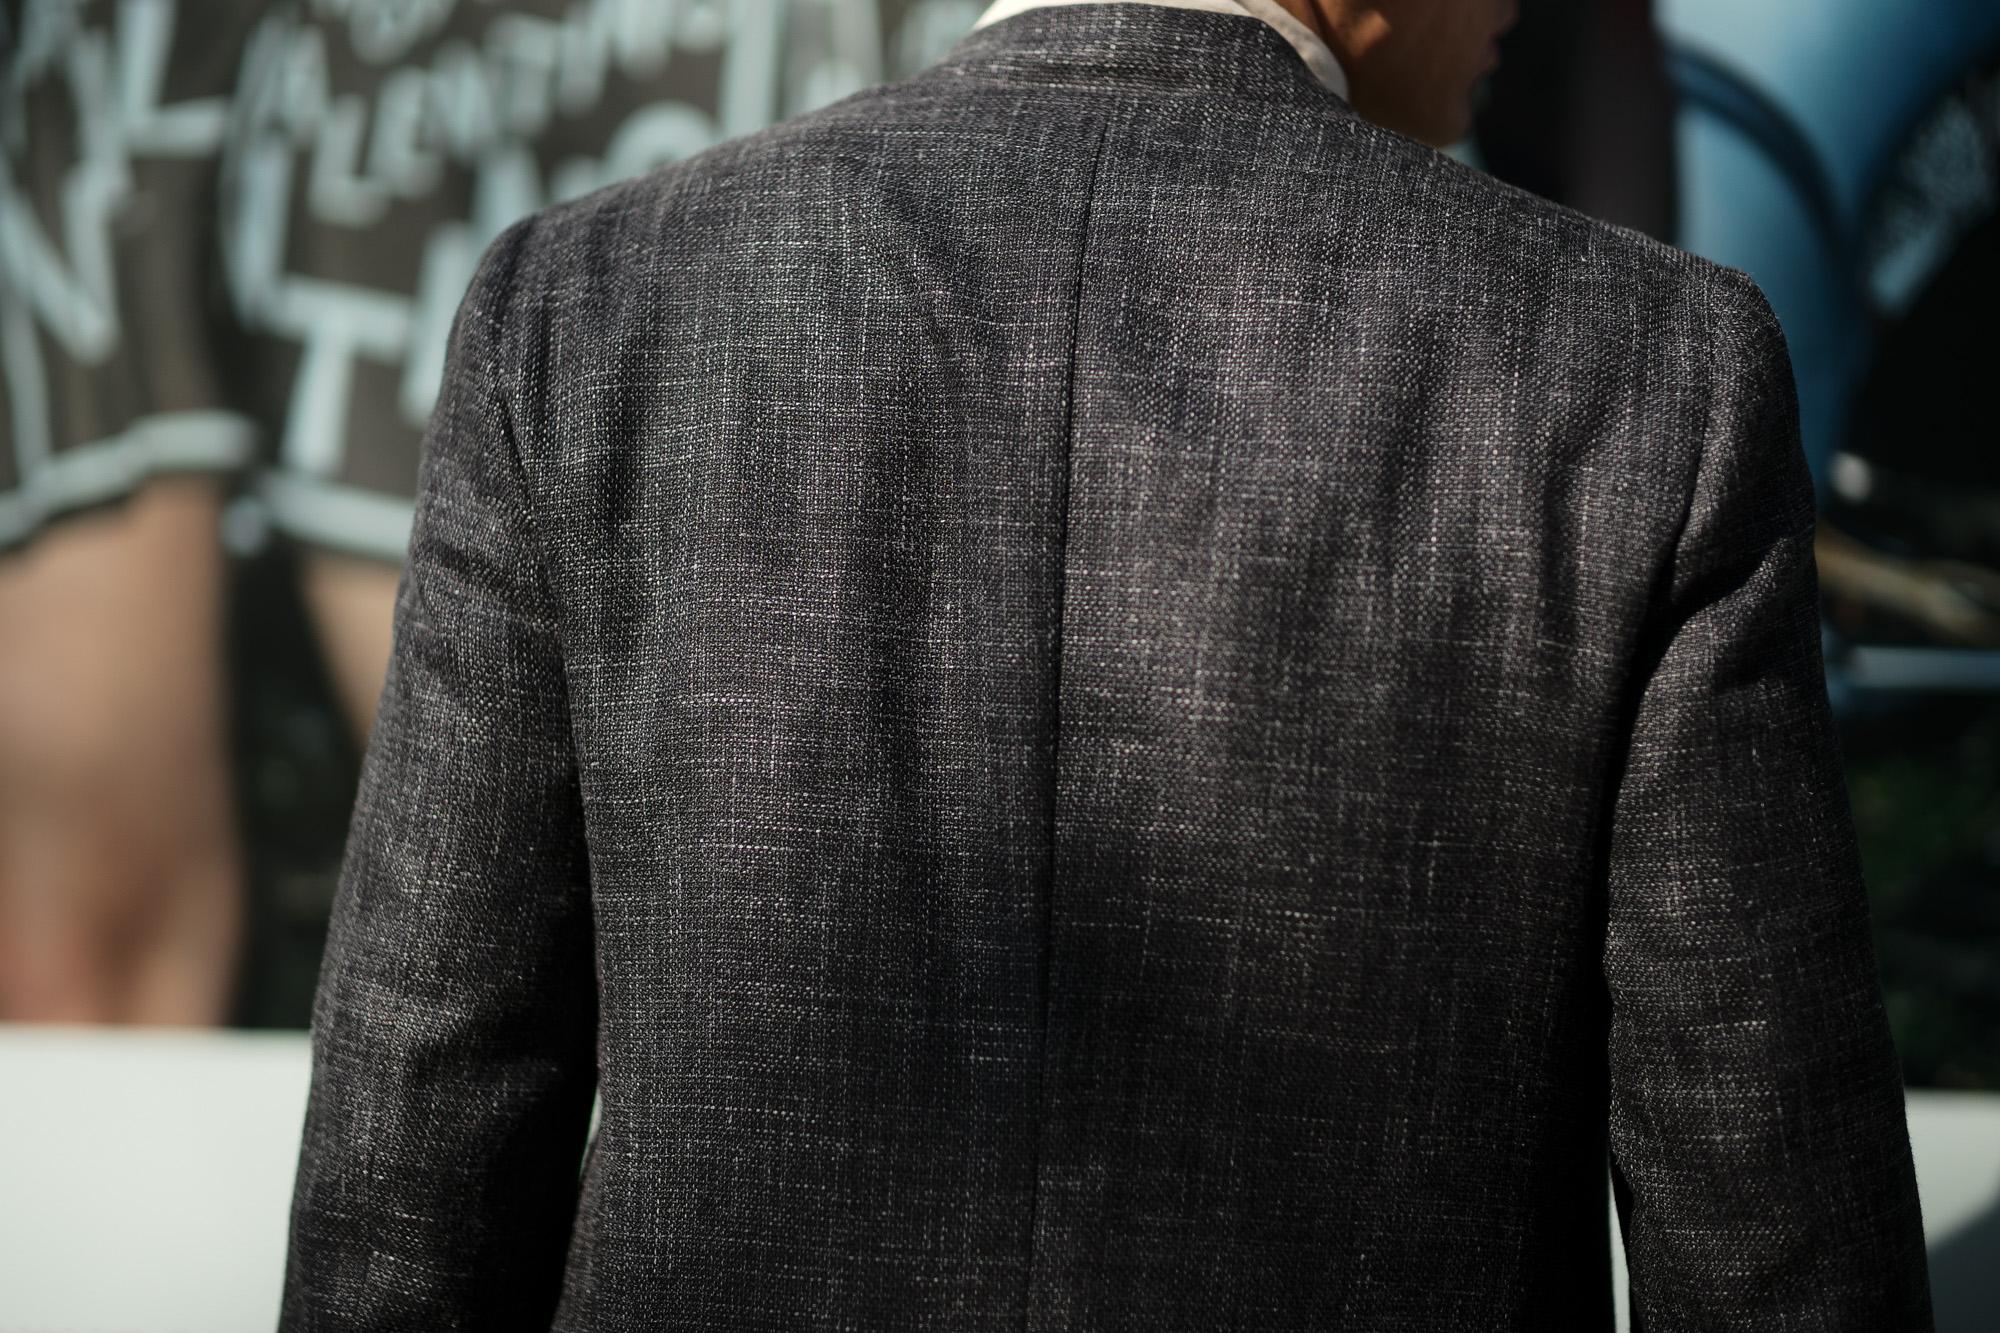 ISAIA (イザイア) POMPEI (ポンペイ) ウールシルクリネン サマー ジャケット BLACK (ブラック・990) Made in italy (イタリア製) 2019 春夏新作 愛知 名古屋 alto e diritto altoediritto アルトエデリット